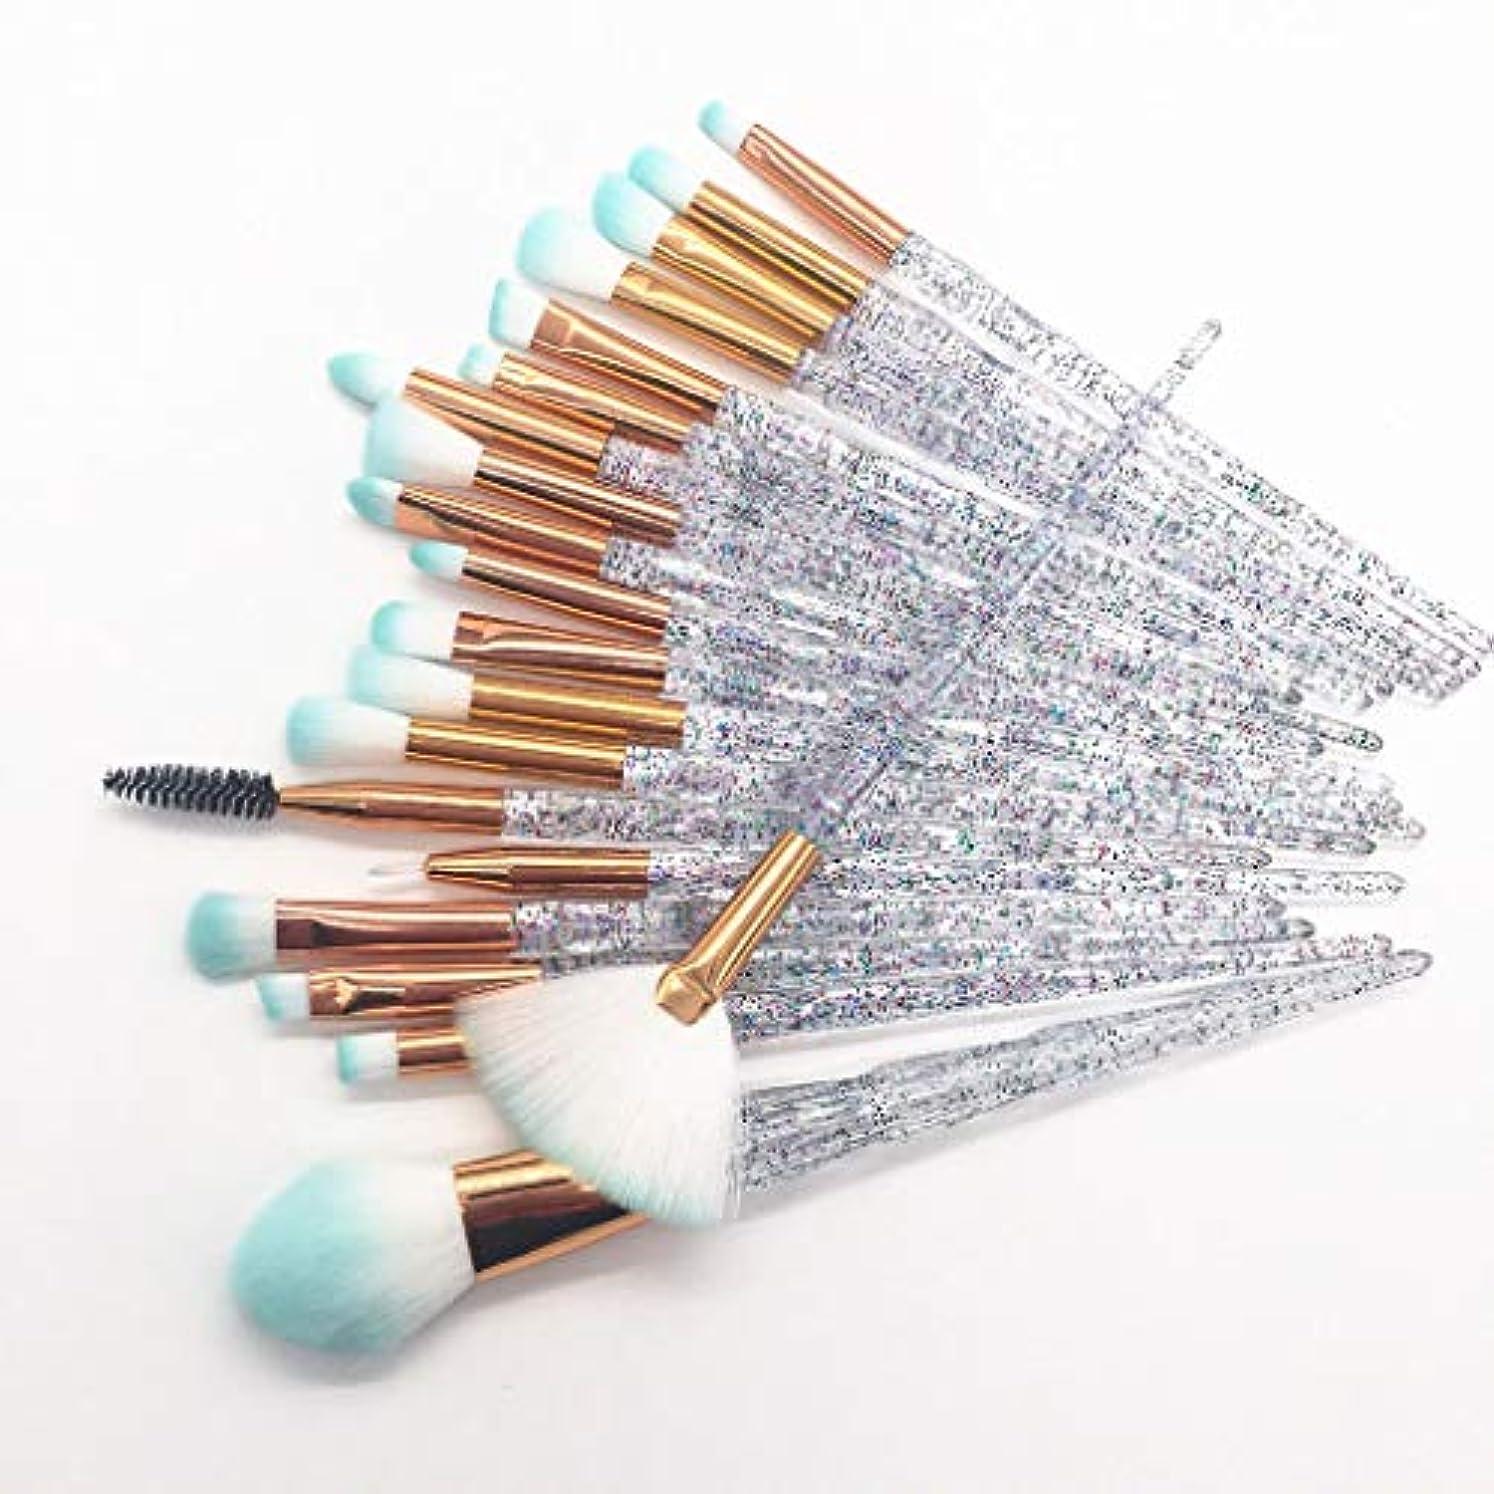 排泄物忠実に美的20化粧筆ビギナービューティーキット